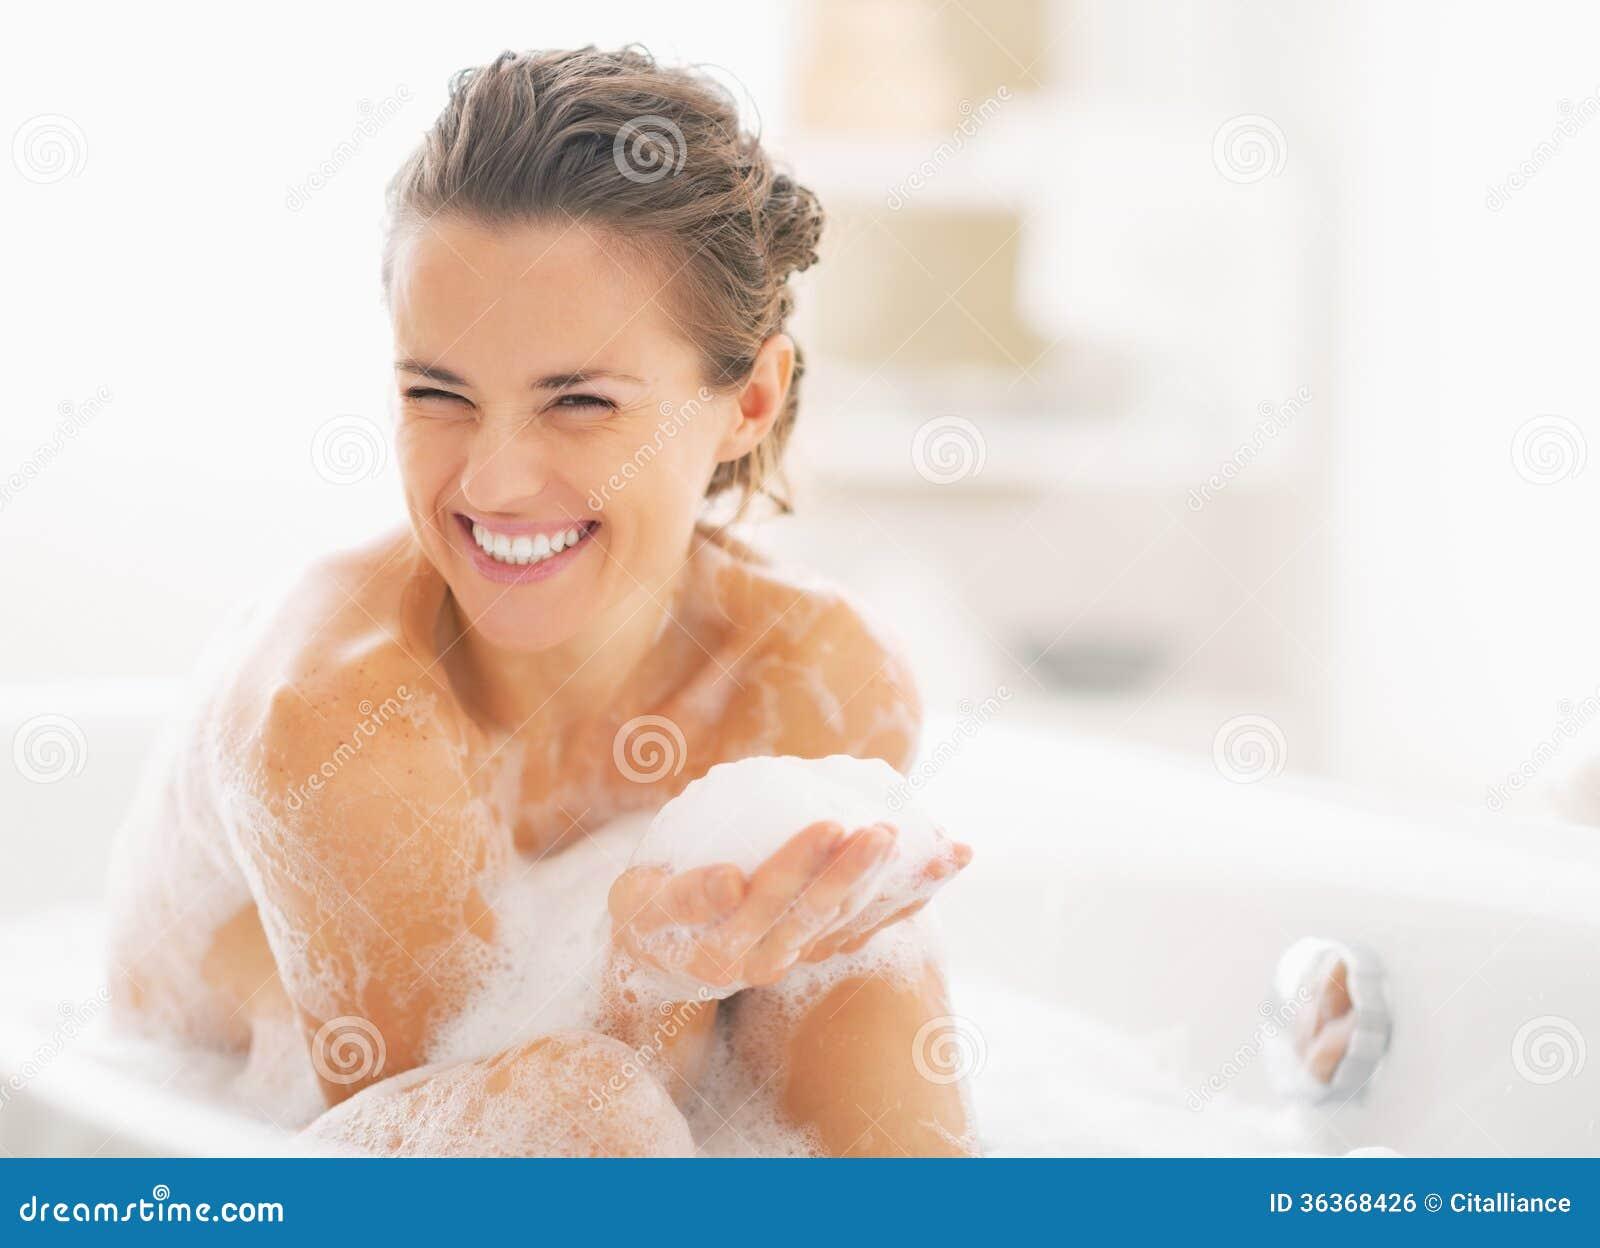 Portret van het gelukkige jonge vrouw spelen met schuim in badkuip